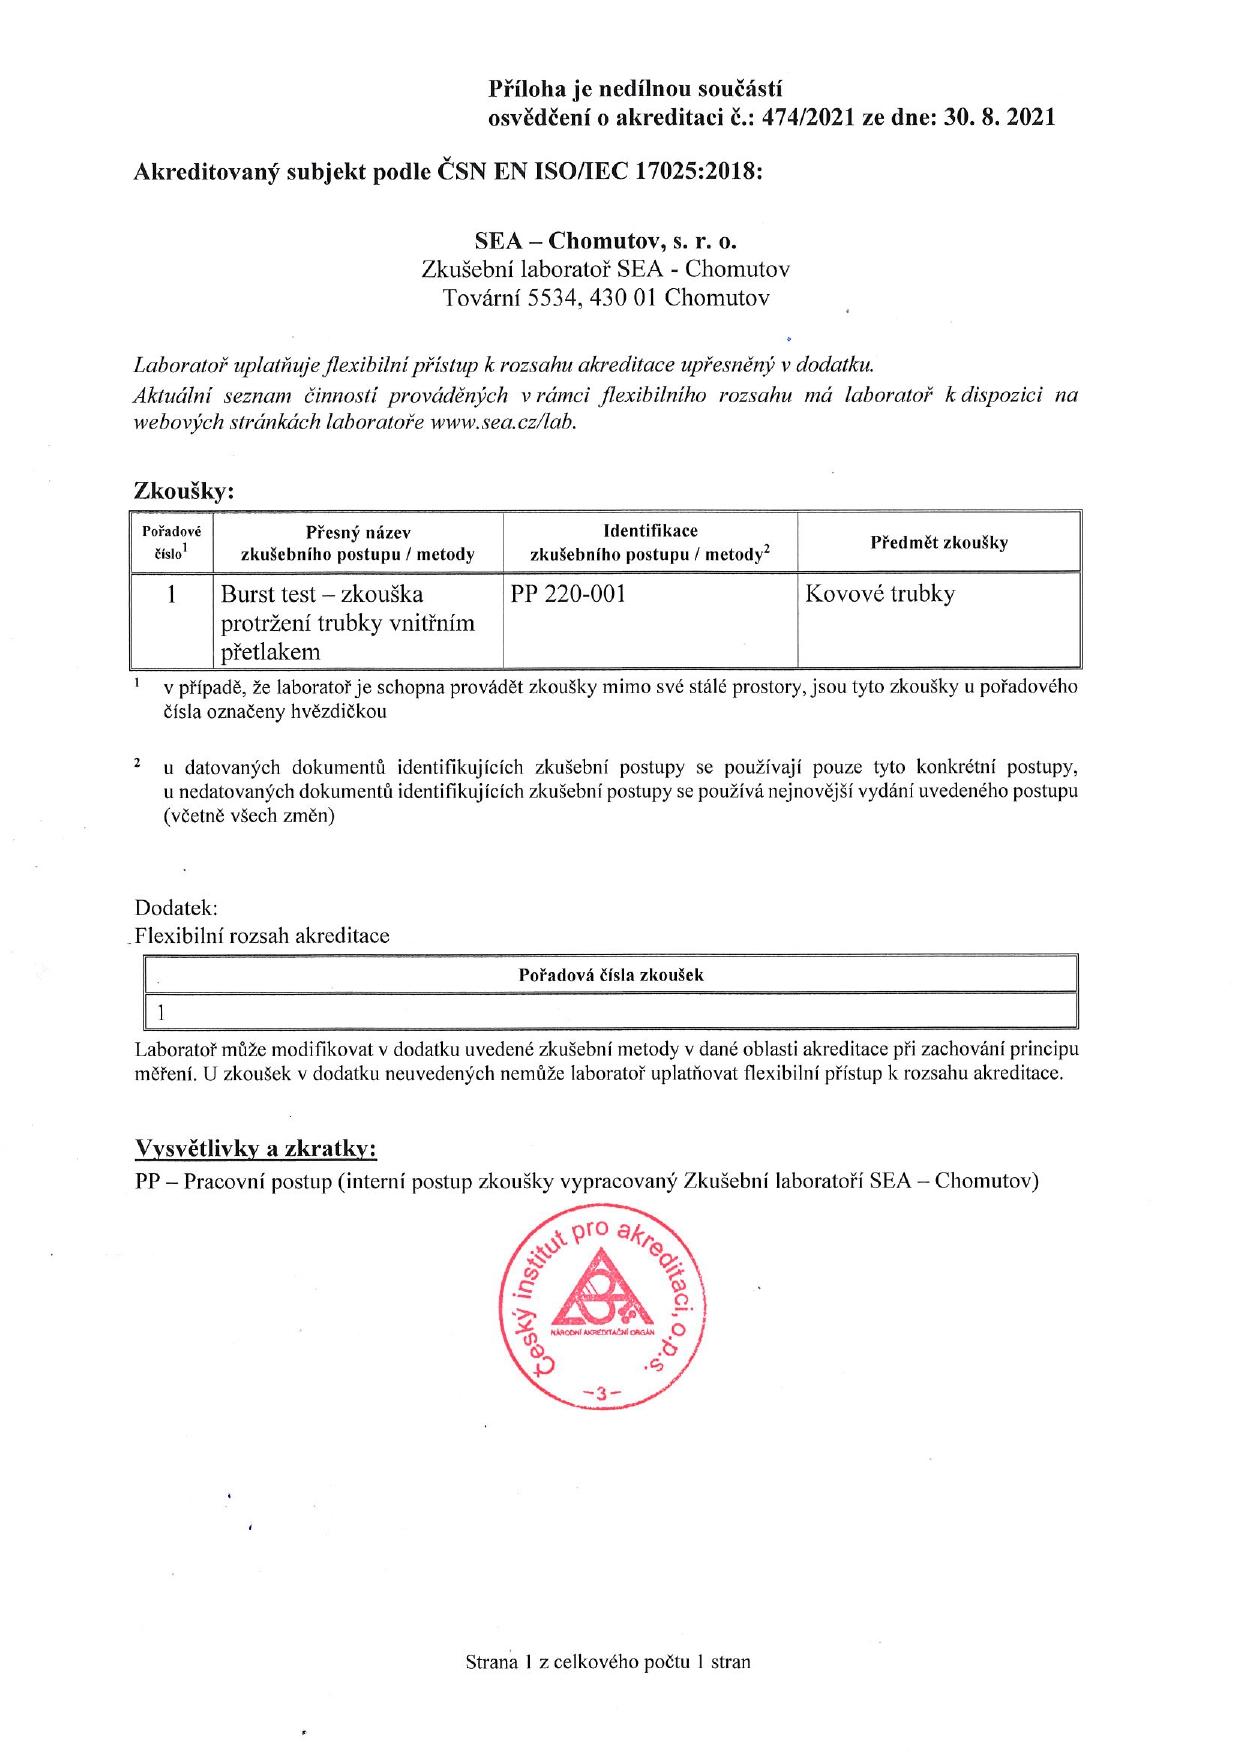 Příloha k osvědčení o akreditaci dle ČSN EN ISO/IEC 17025